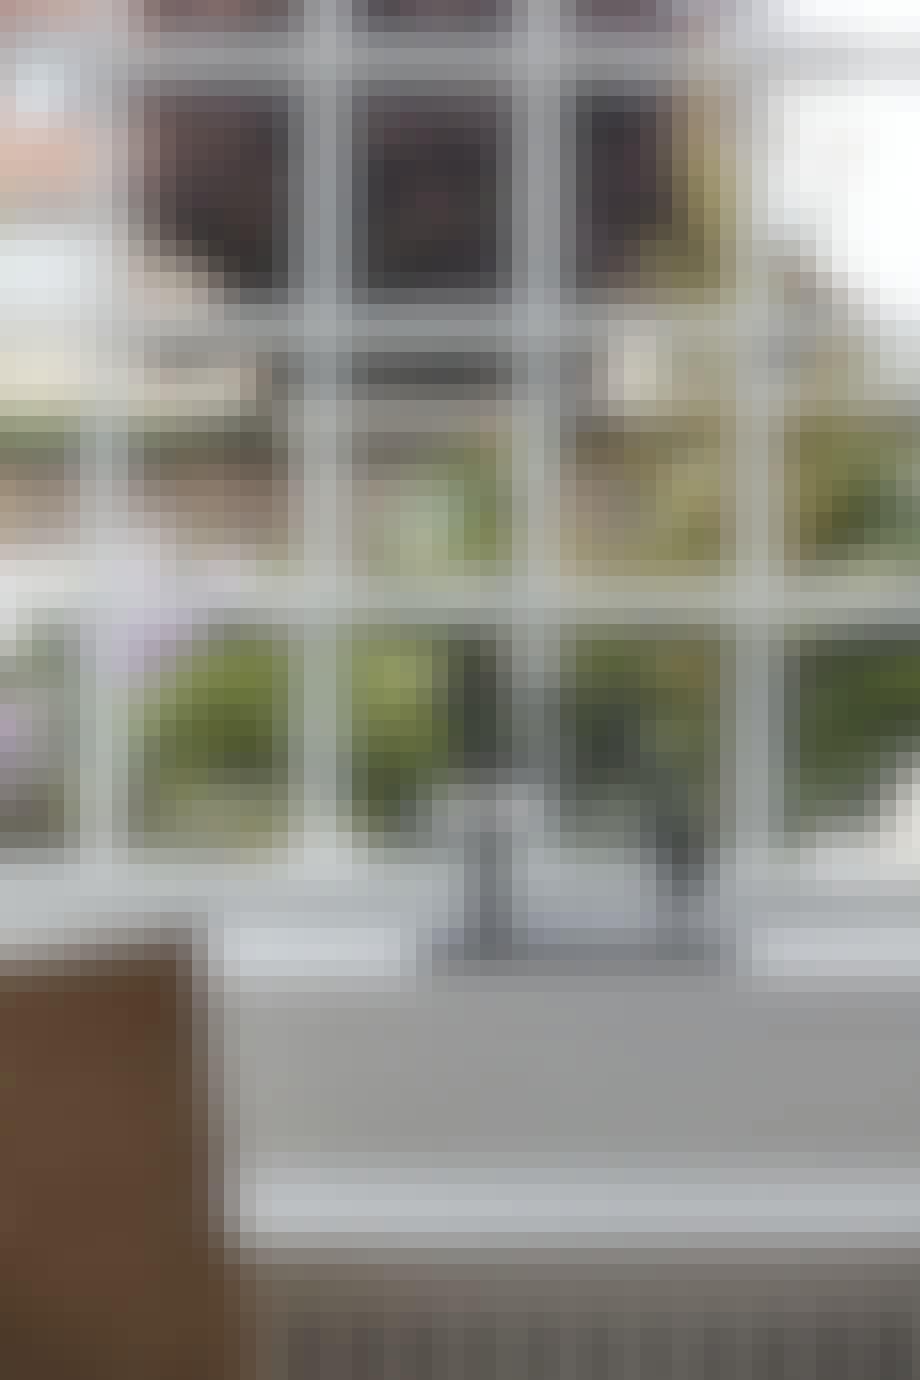 Skulptur i vindueskarmen